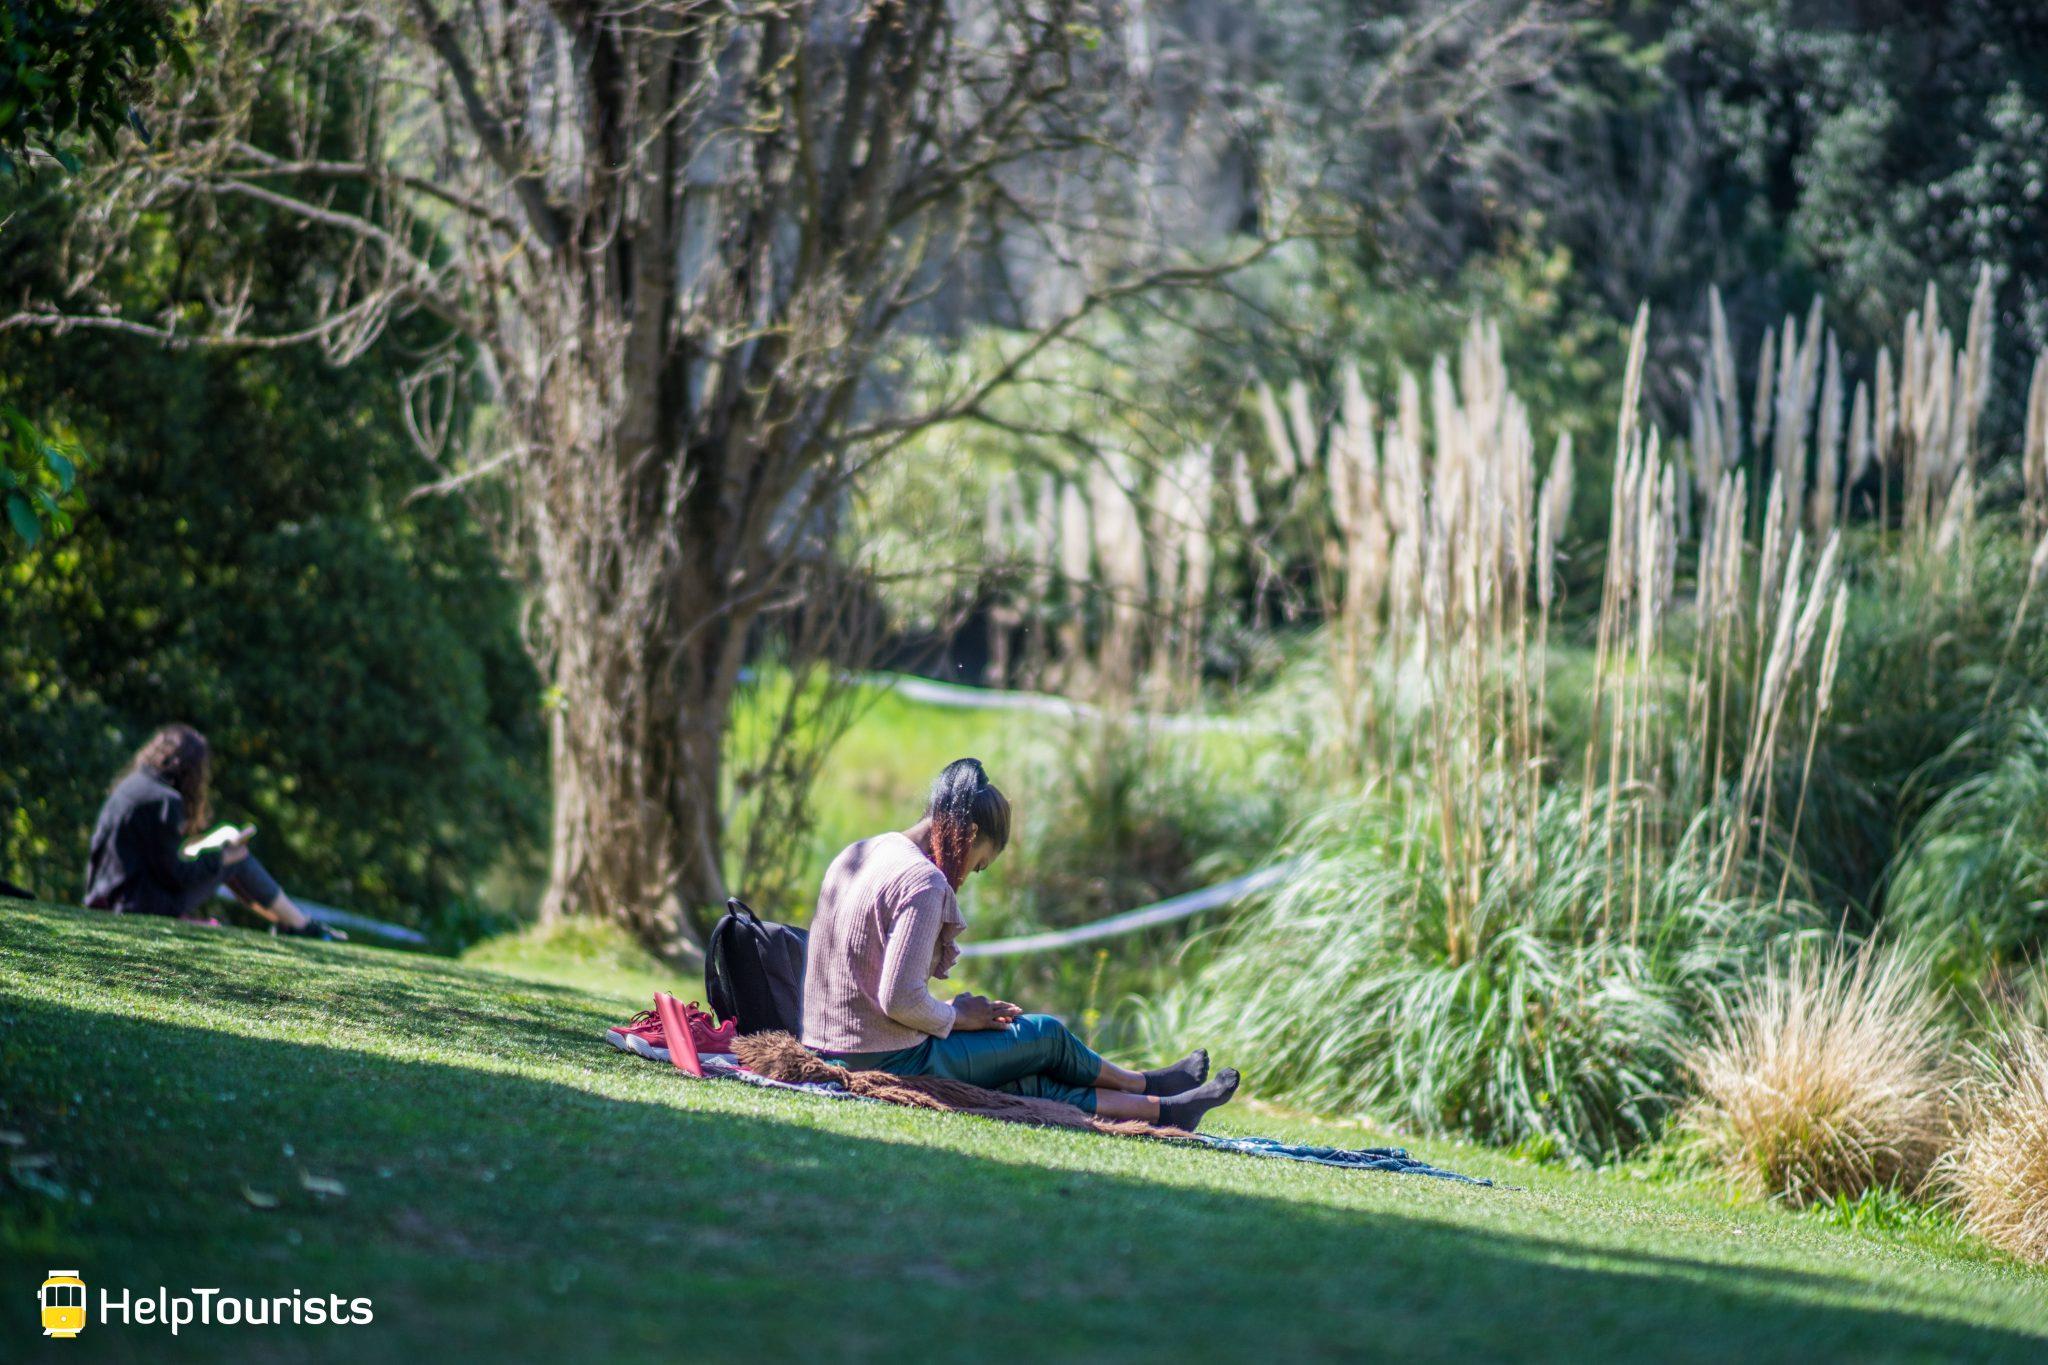 Lissabon_Museu-Calouste-Gulbenkian_Garten_Buch-lesen